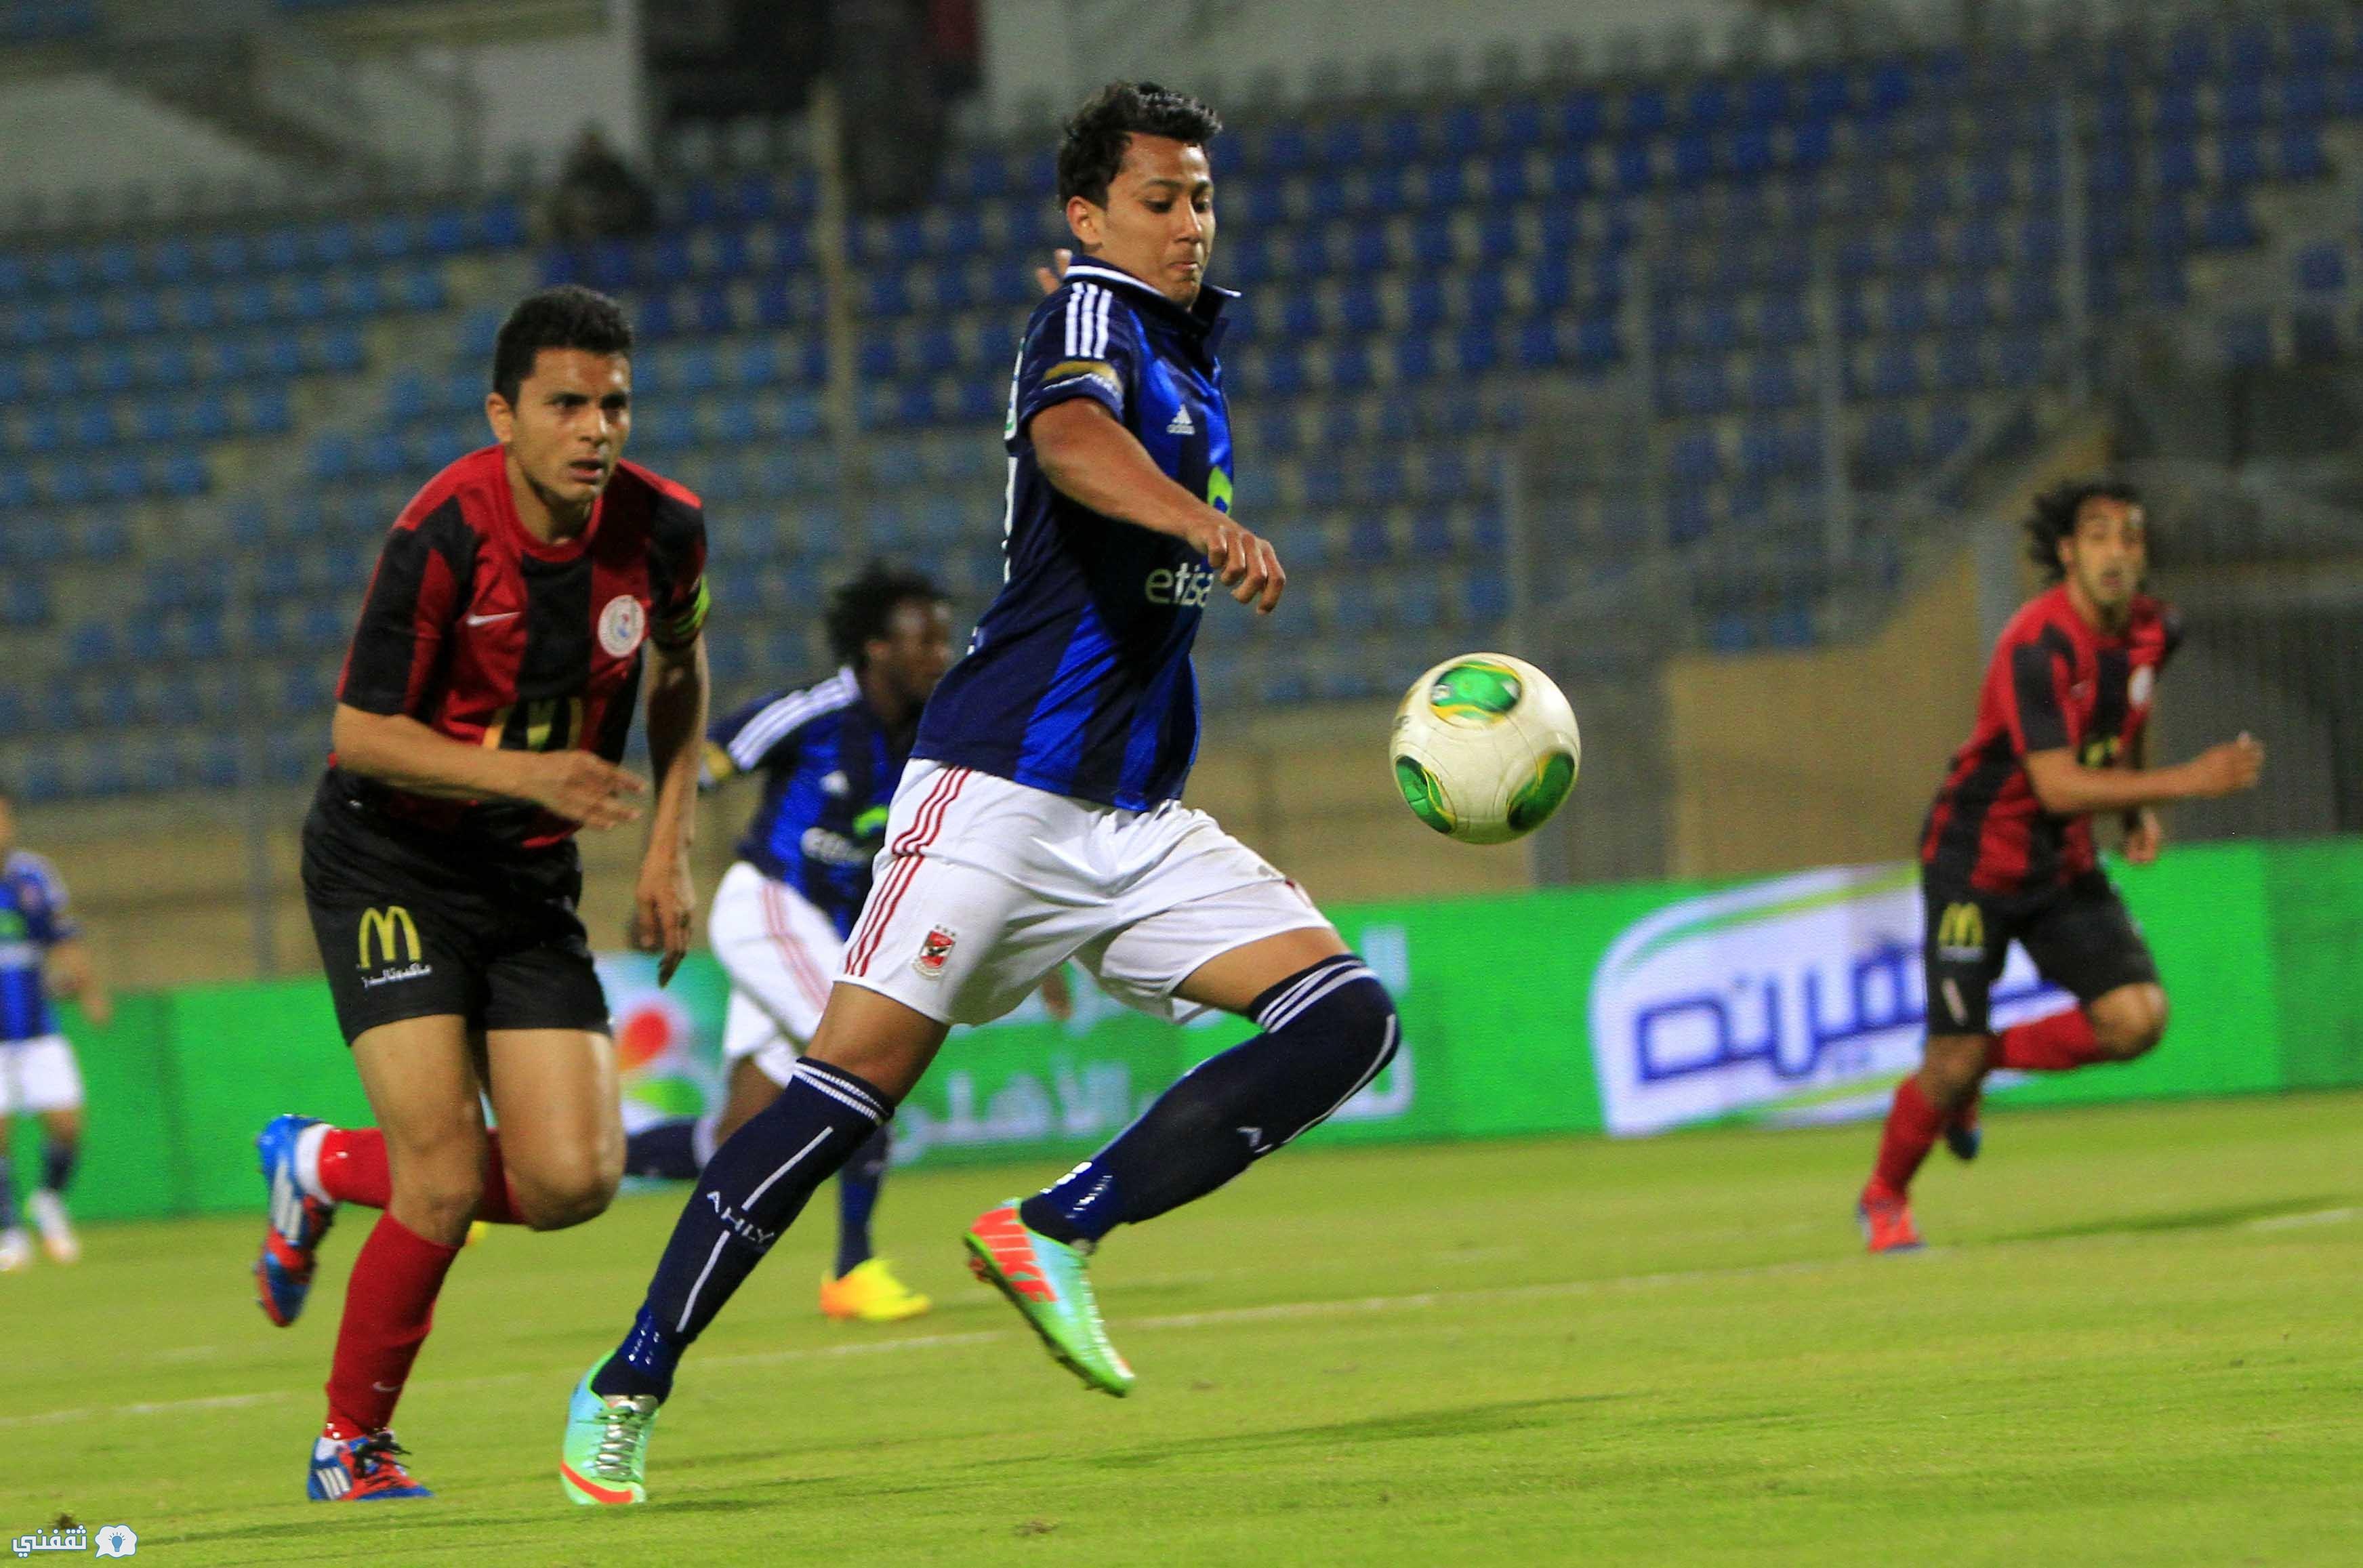 تشكيلة الأهلي أمام الداخلية اليوم 1-4-2017 في الدوري المصري والدفع بـ ميدو جابر